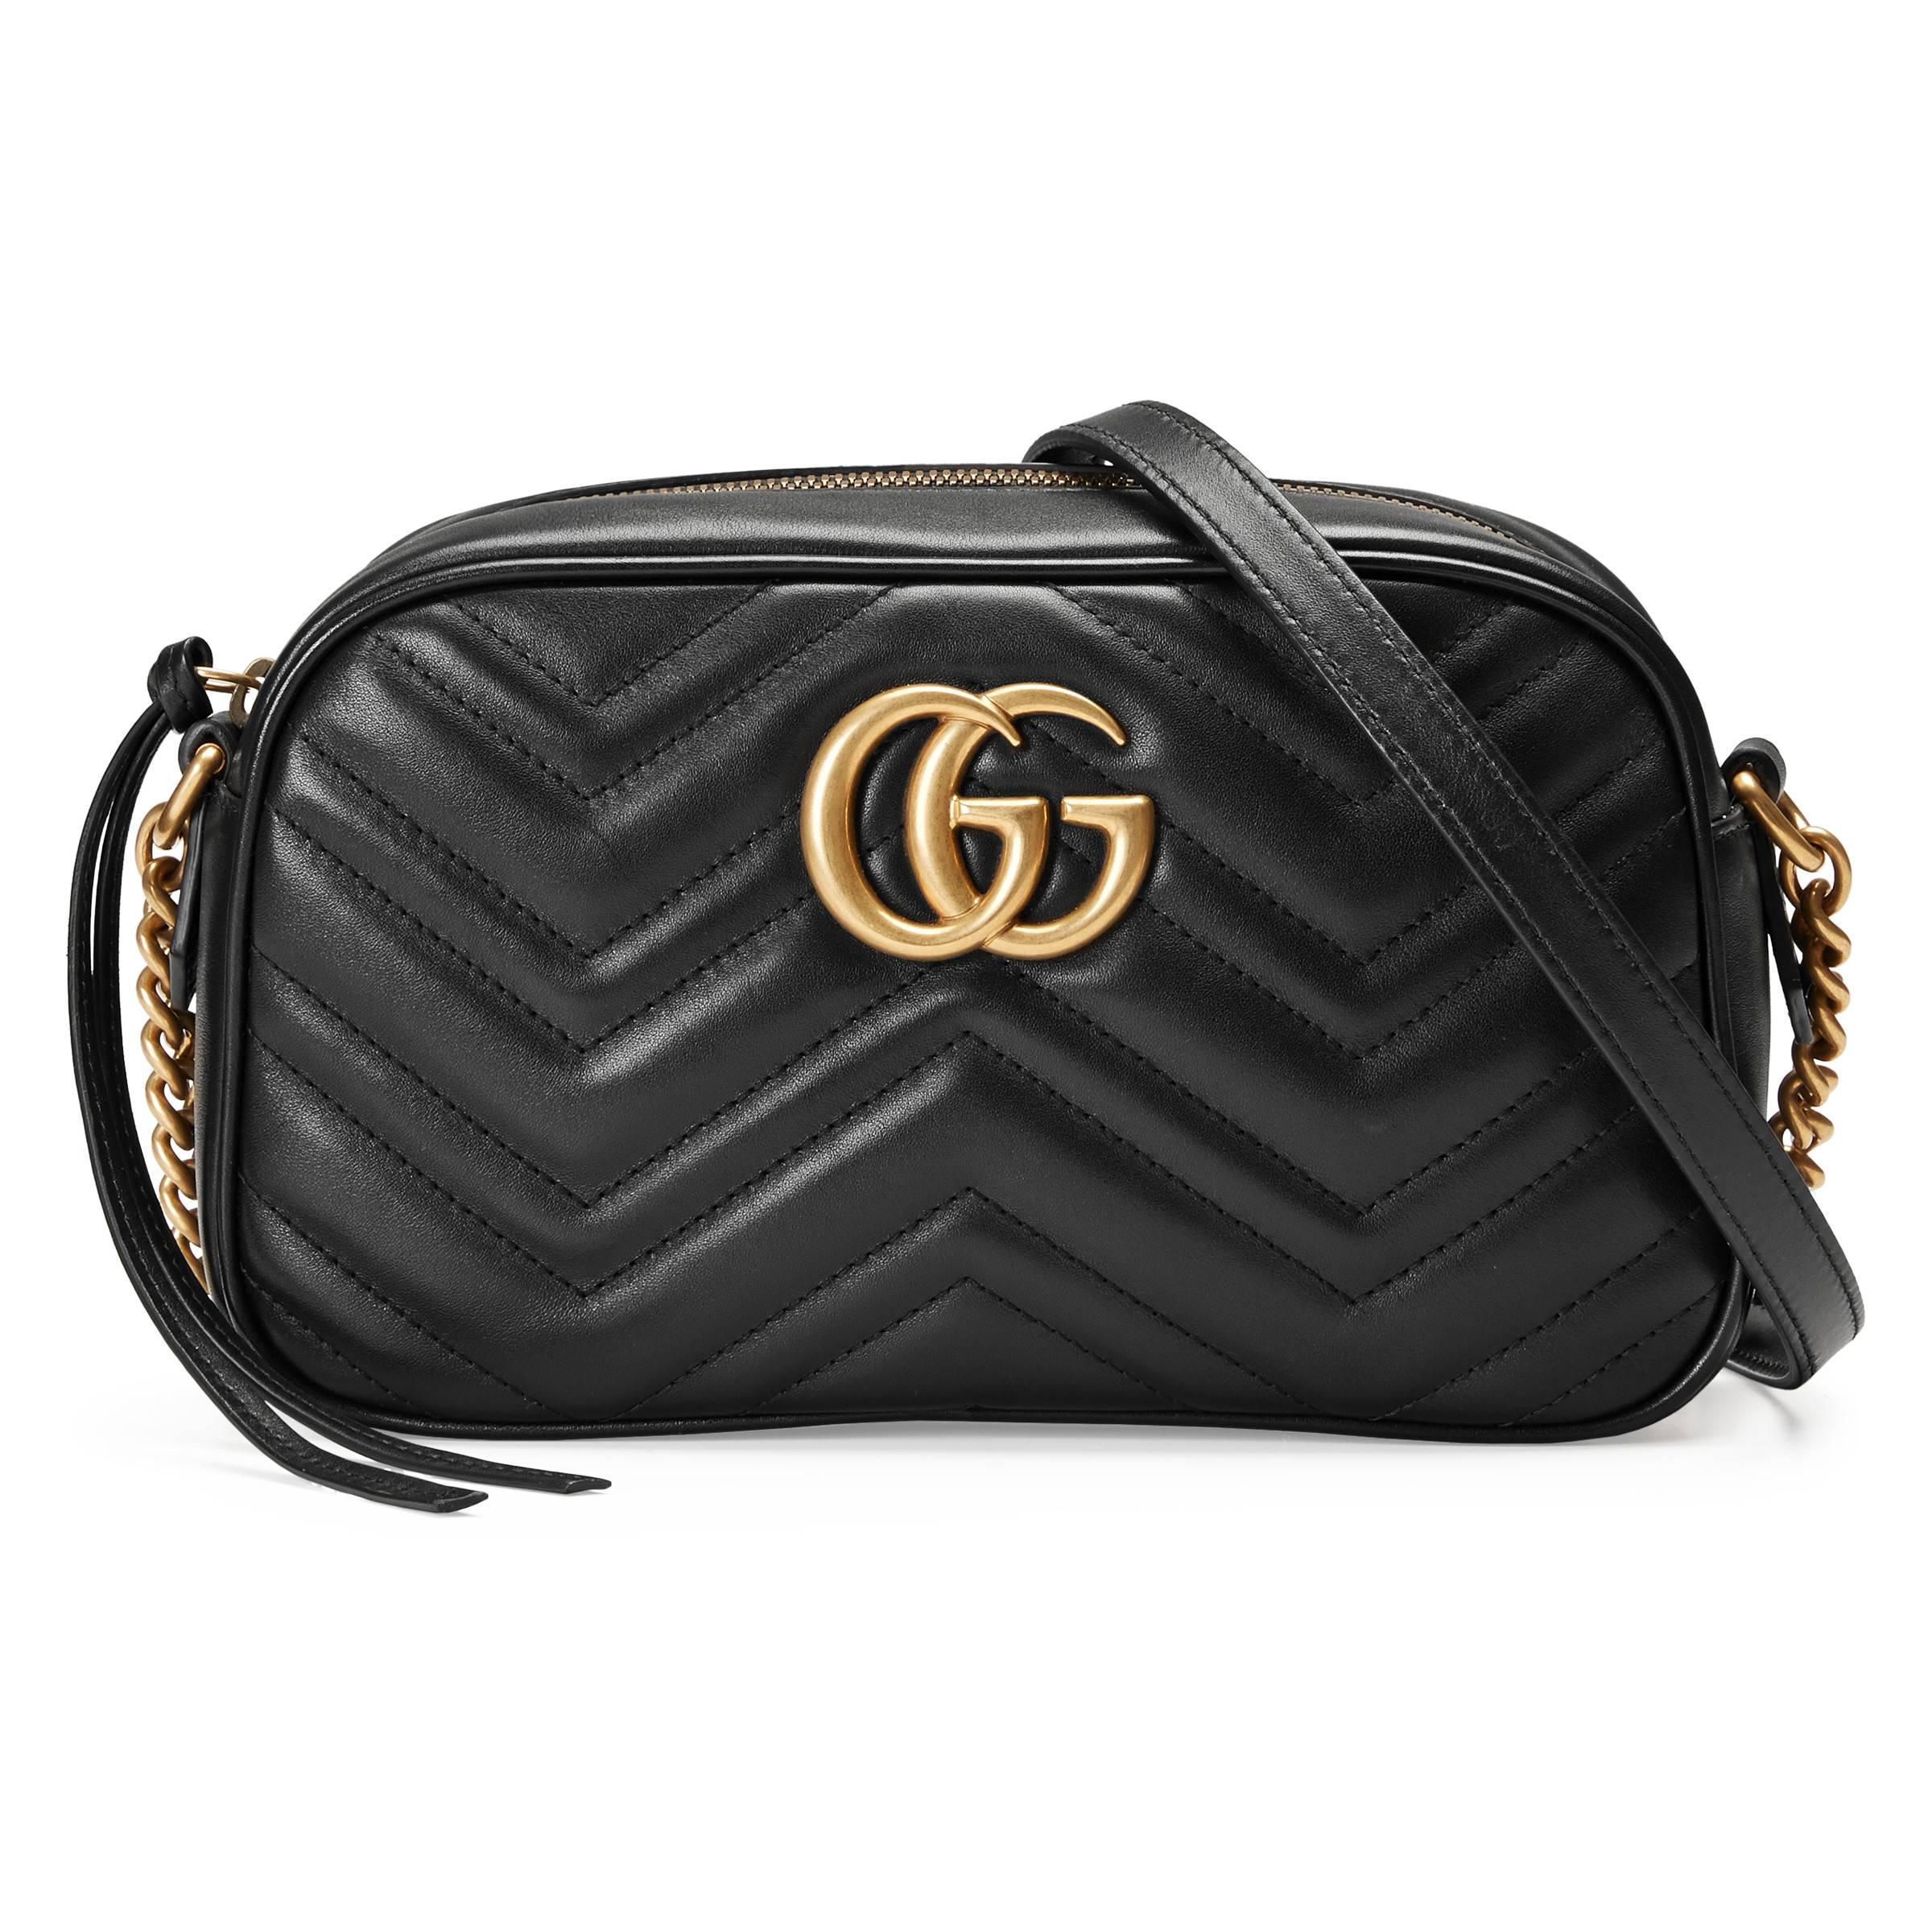 9d145e0149 Gucci. Sac à épaule petite taille à motif GG Marmont matelassé femme de  coloris noir